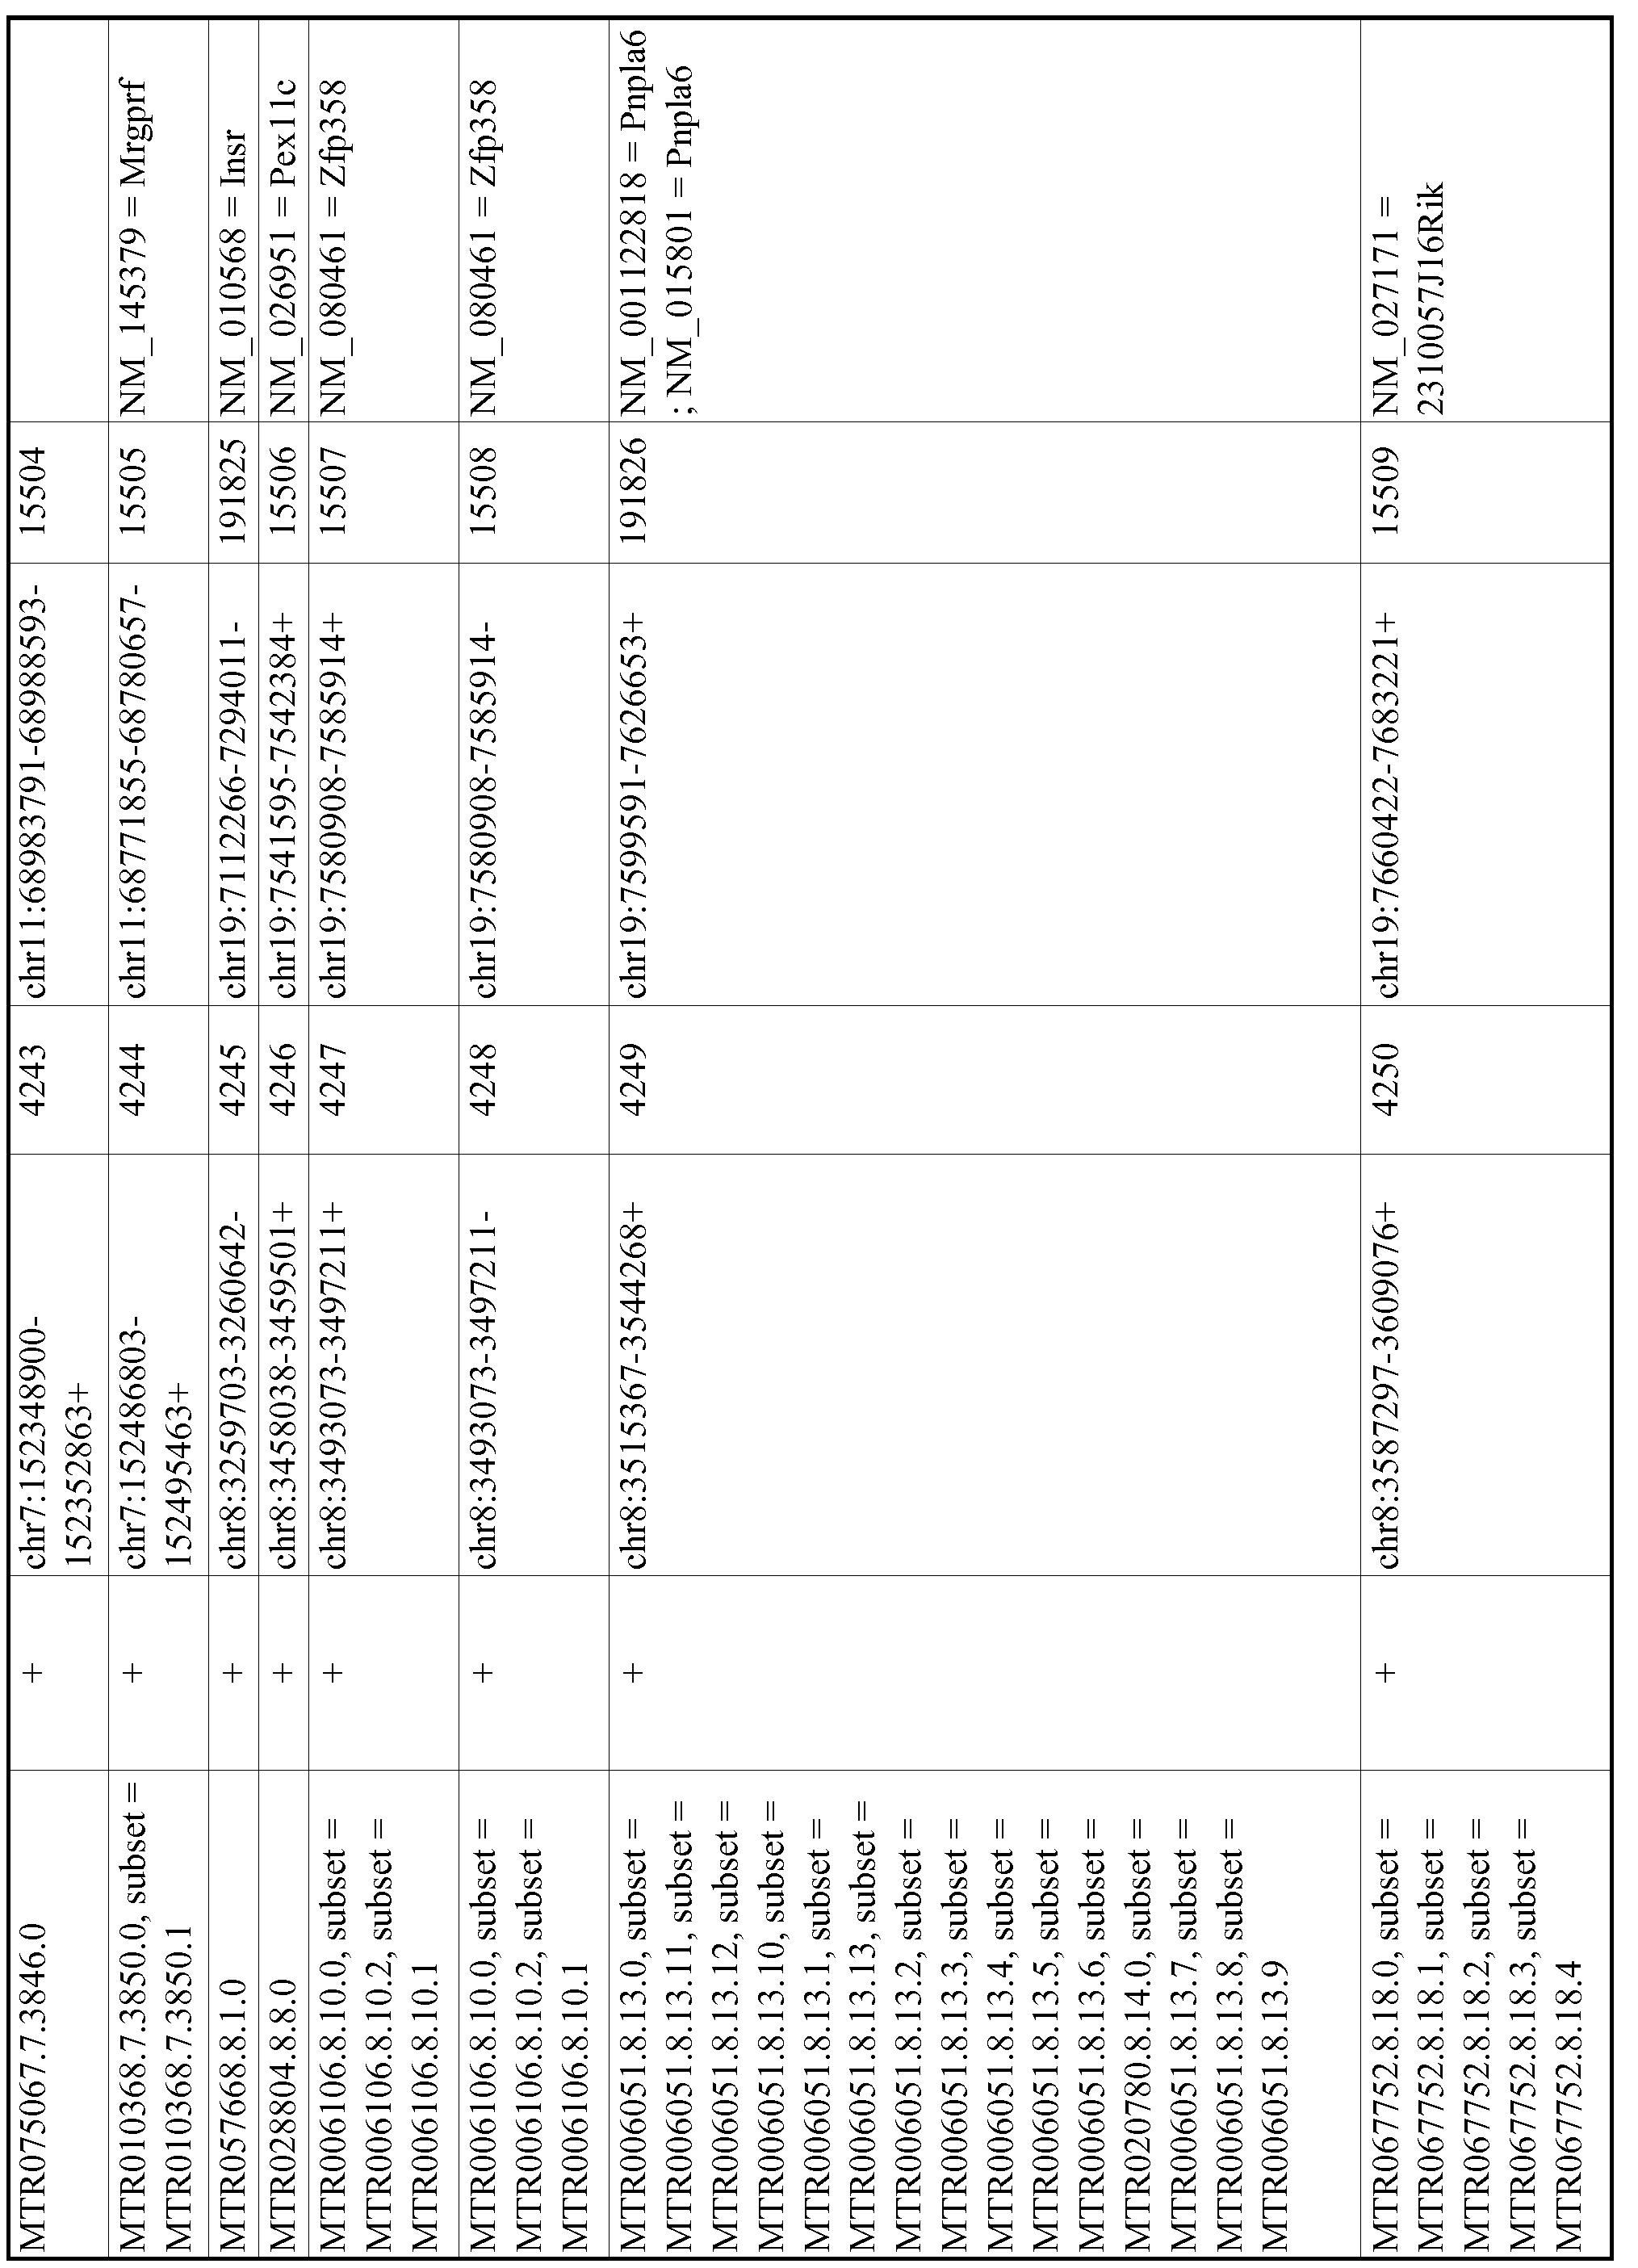 Figure imgf000805_0001